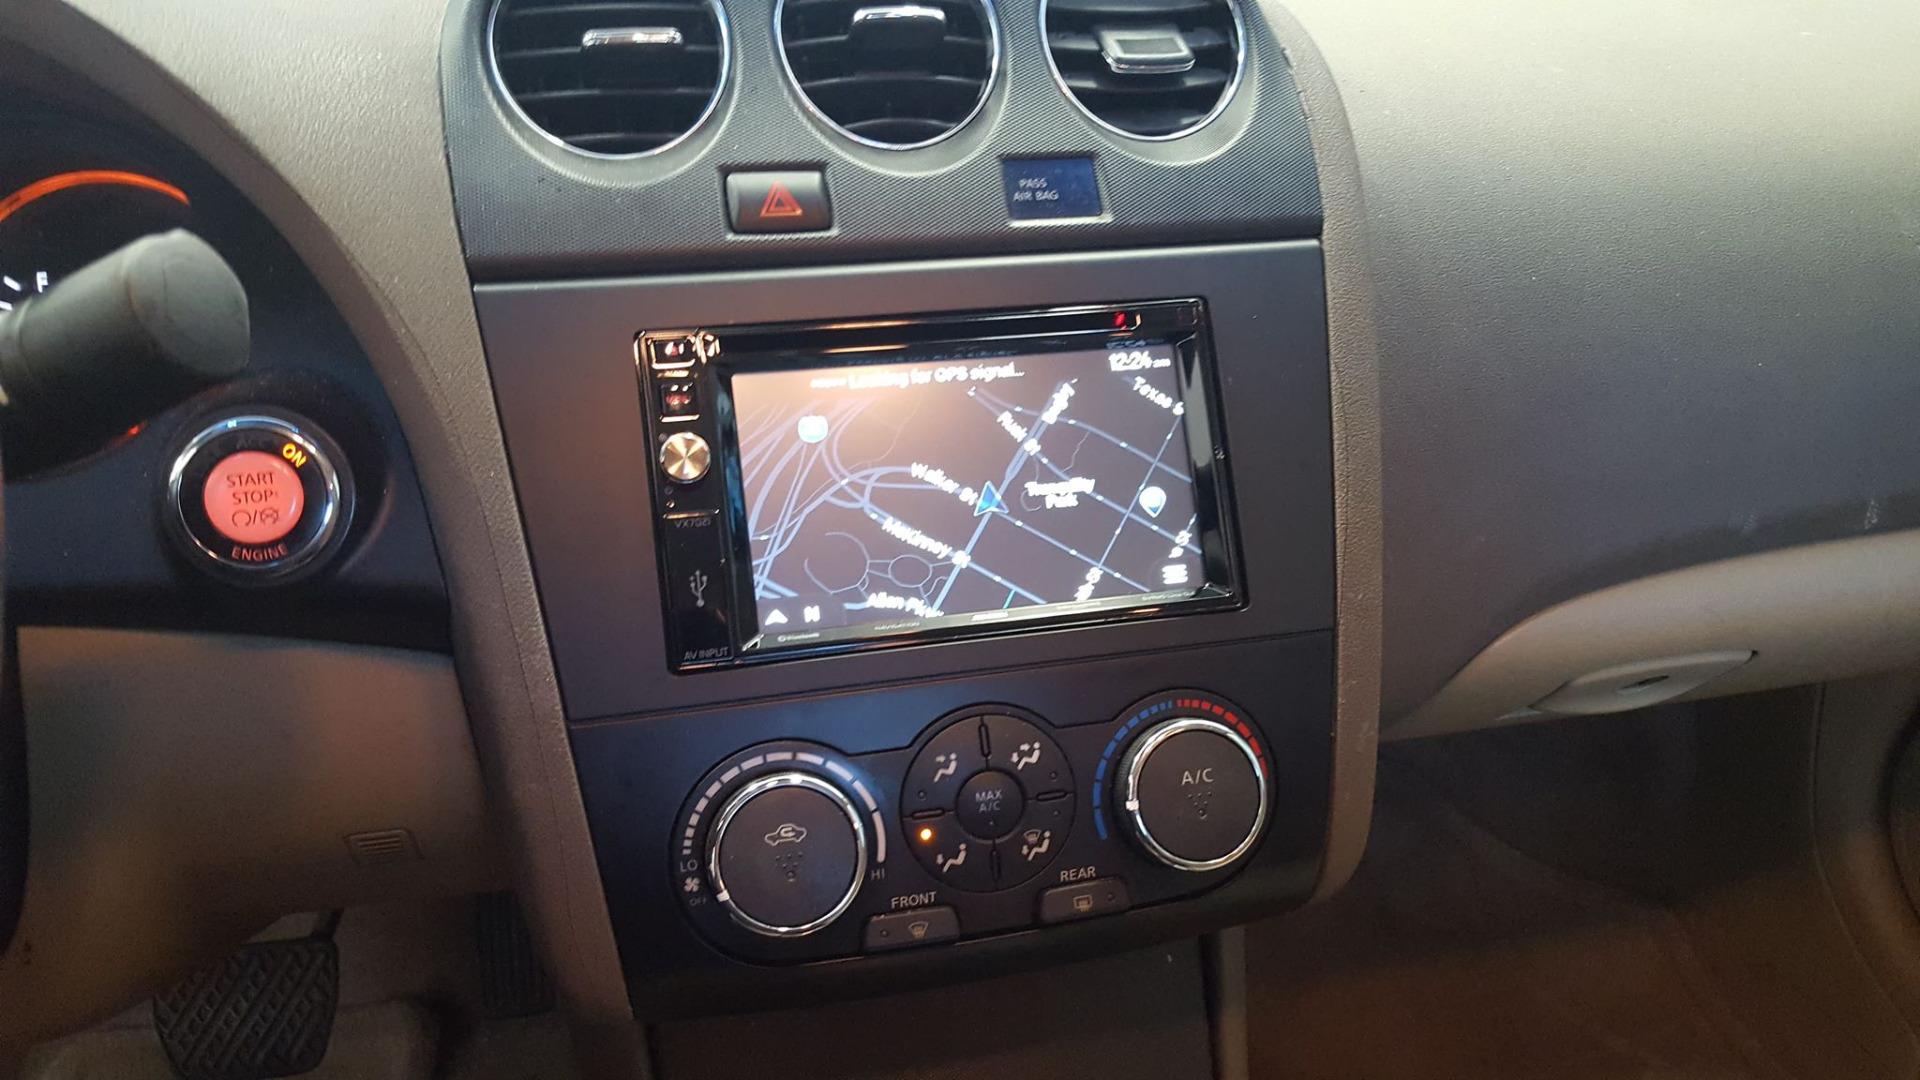 Jensen VX7021 Navigation receiver at Crutchfield